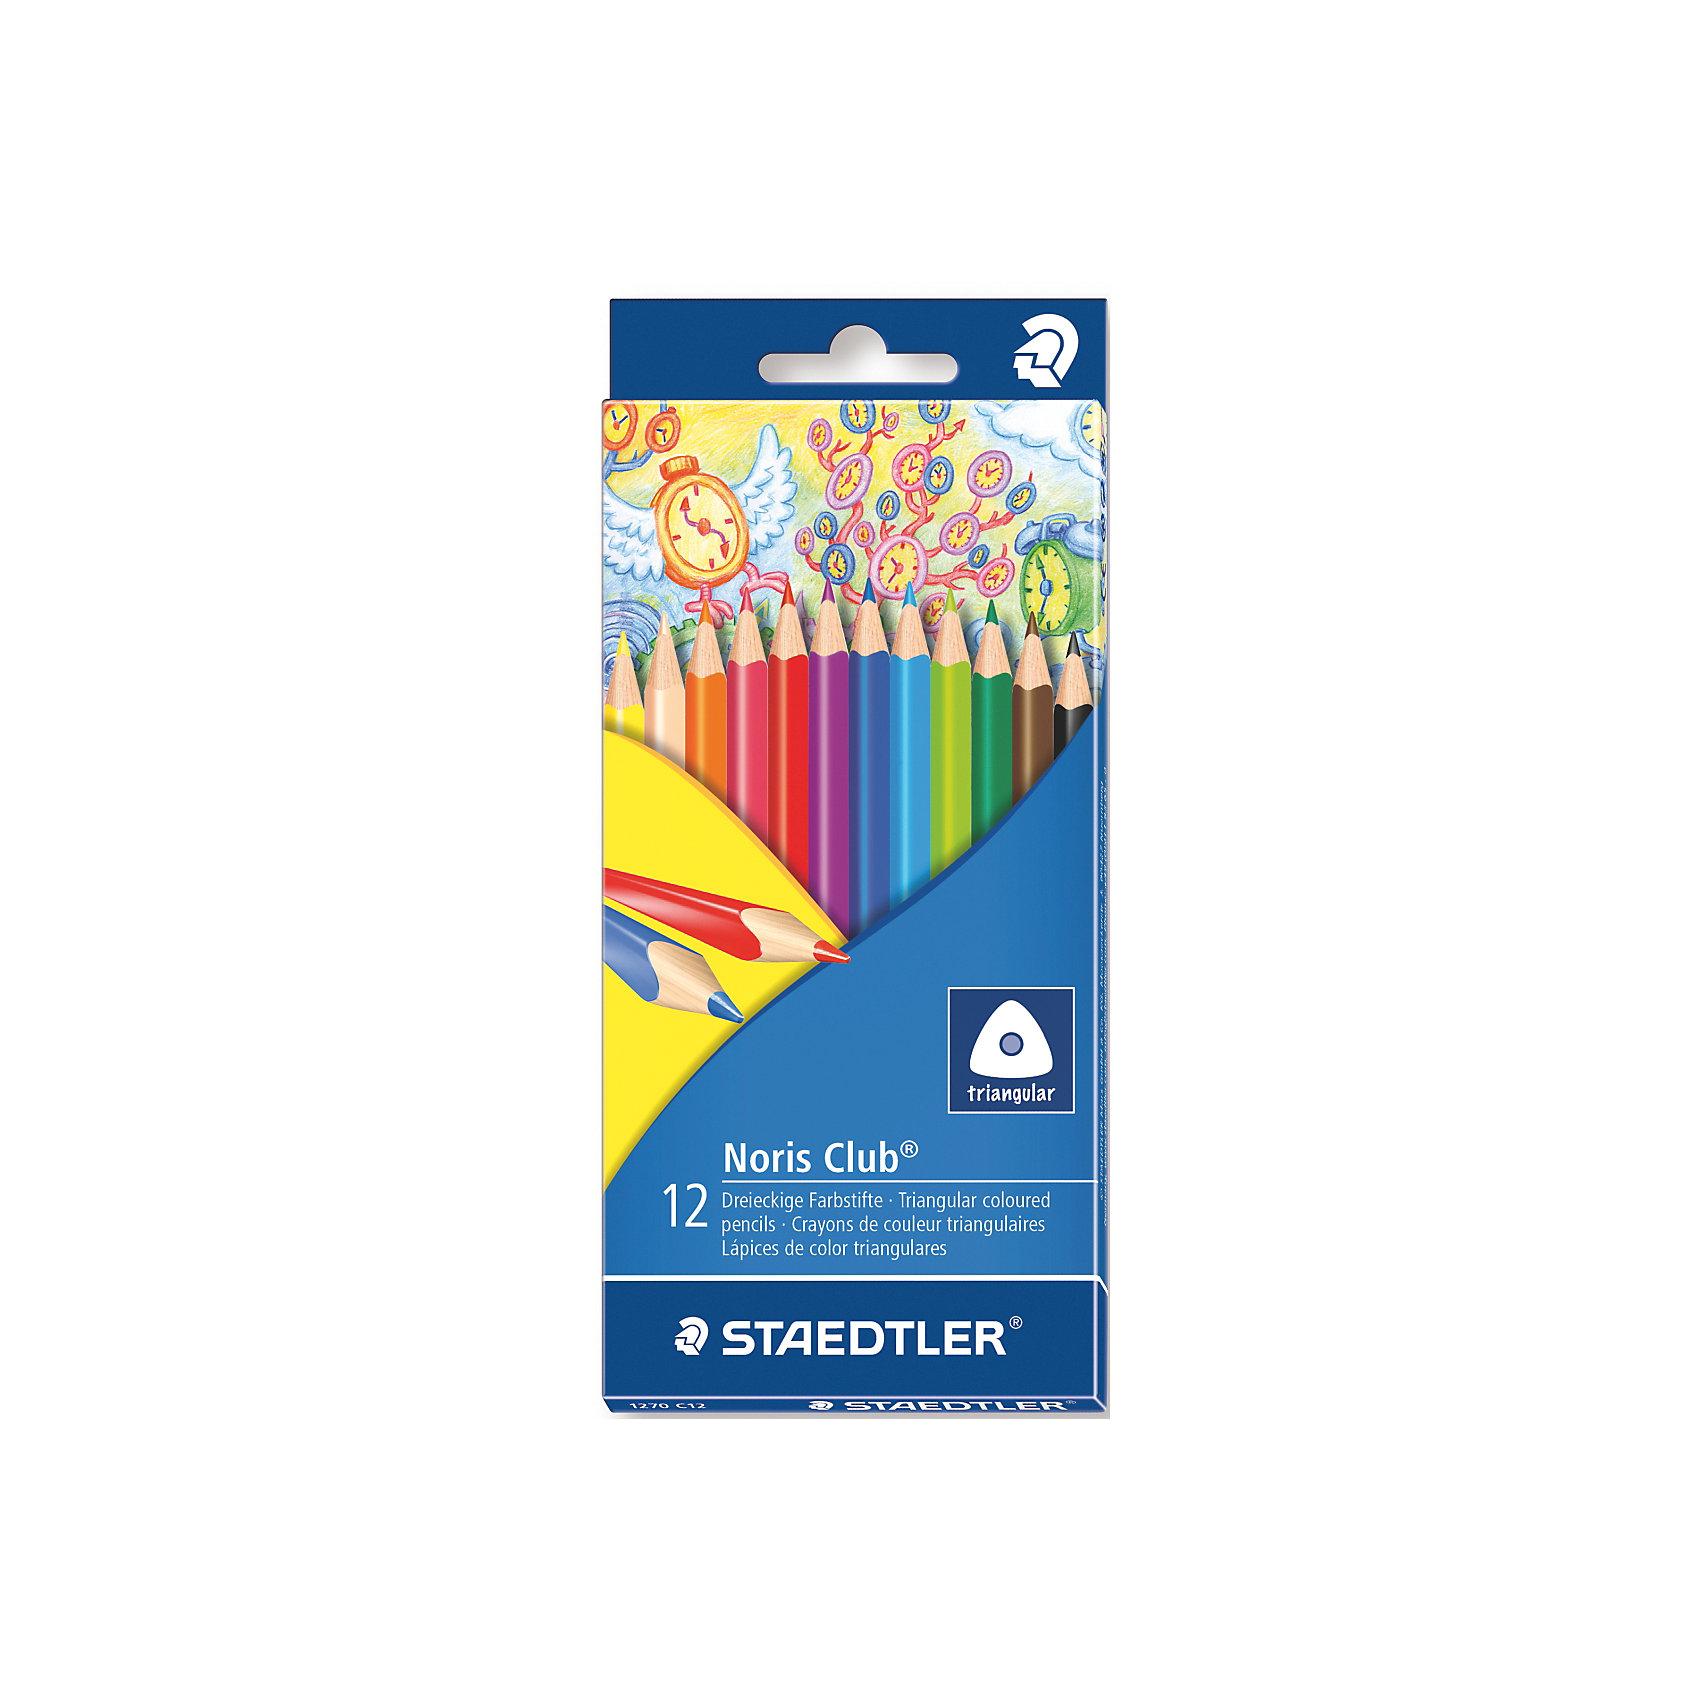 Карандаши  цветные NorisClub, 12 цвРисование<br>Трехгранные цветные карандаши стандартного размера для любого возраста,  особенно их оценят дети. Специальная эргономичная форма, корректирующая ученический захват, идеально подходит для рисования и раскрашивания без усталости и усилий. Система защиты от поломки ABS (Anti-break-system) увеличивает устойчивость и сокращает ломкость грифеля. Грифели карандашей сочных насыщенных цветов. При необходимости легко можно заточить. Цветные карандаши соответствуют Европейскому стандарту EN 71 (требования безопасности к игрушкам).<br><br>Дополнительная информация: <br><br>- возраст: от 3 лет<br>- тип: 12 цветных карандашей <br>- упаковка: картонная коробка<br>- вид карандаша: простой<br>- корпус: трехгранный<br>- поверхность: бумага<br>- назначение: для рисования, для творчества, для подчеркивания<br>- материал: дерево, графит<br>- диаметр грифеля: 3 мм<br>- размер упаковки (дхшхв): 35 * 21 * 17 см<br>- вес в упаковке: 457  г <br>- страна производитель: Германия.<br><br>Набор из 12 цветных  карандашей   Noris HB  торговой марки   Staedtler  можно купить в нашем интернет-магазине.<br><br>Ширина мм: 200<br>Глубина мм: 88<br>Высота мм: 10<br>Вес г: 76<br>Возраст от месяцев: 60<br>Возраст до месяцев: 168<br>Пол: Унисекс<br>Возраст: Детский<br>SKU: 4918511